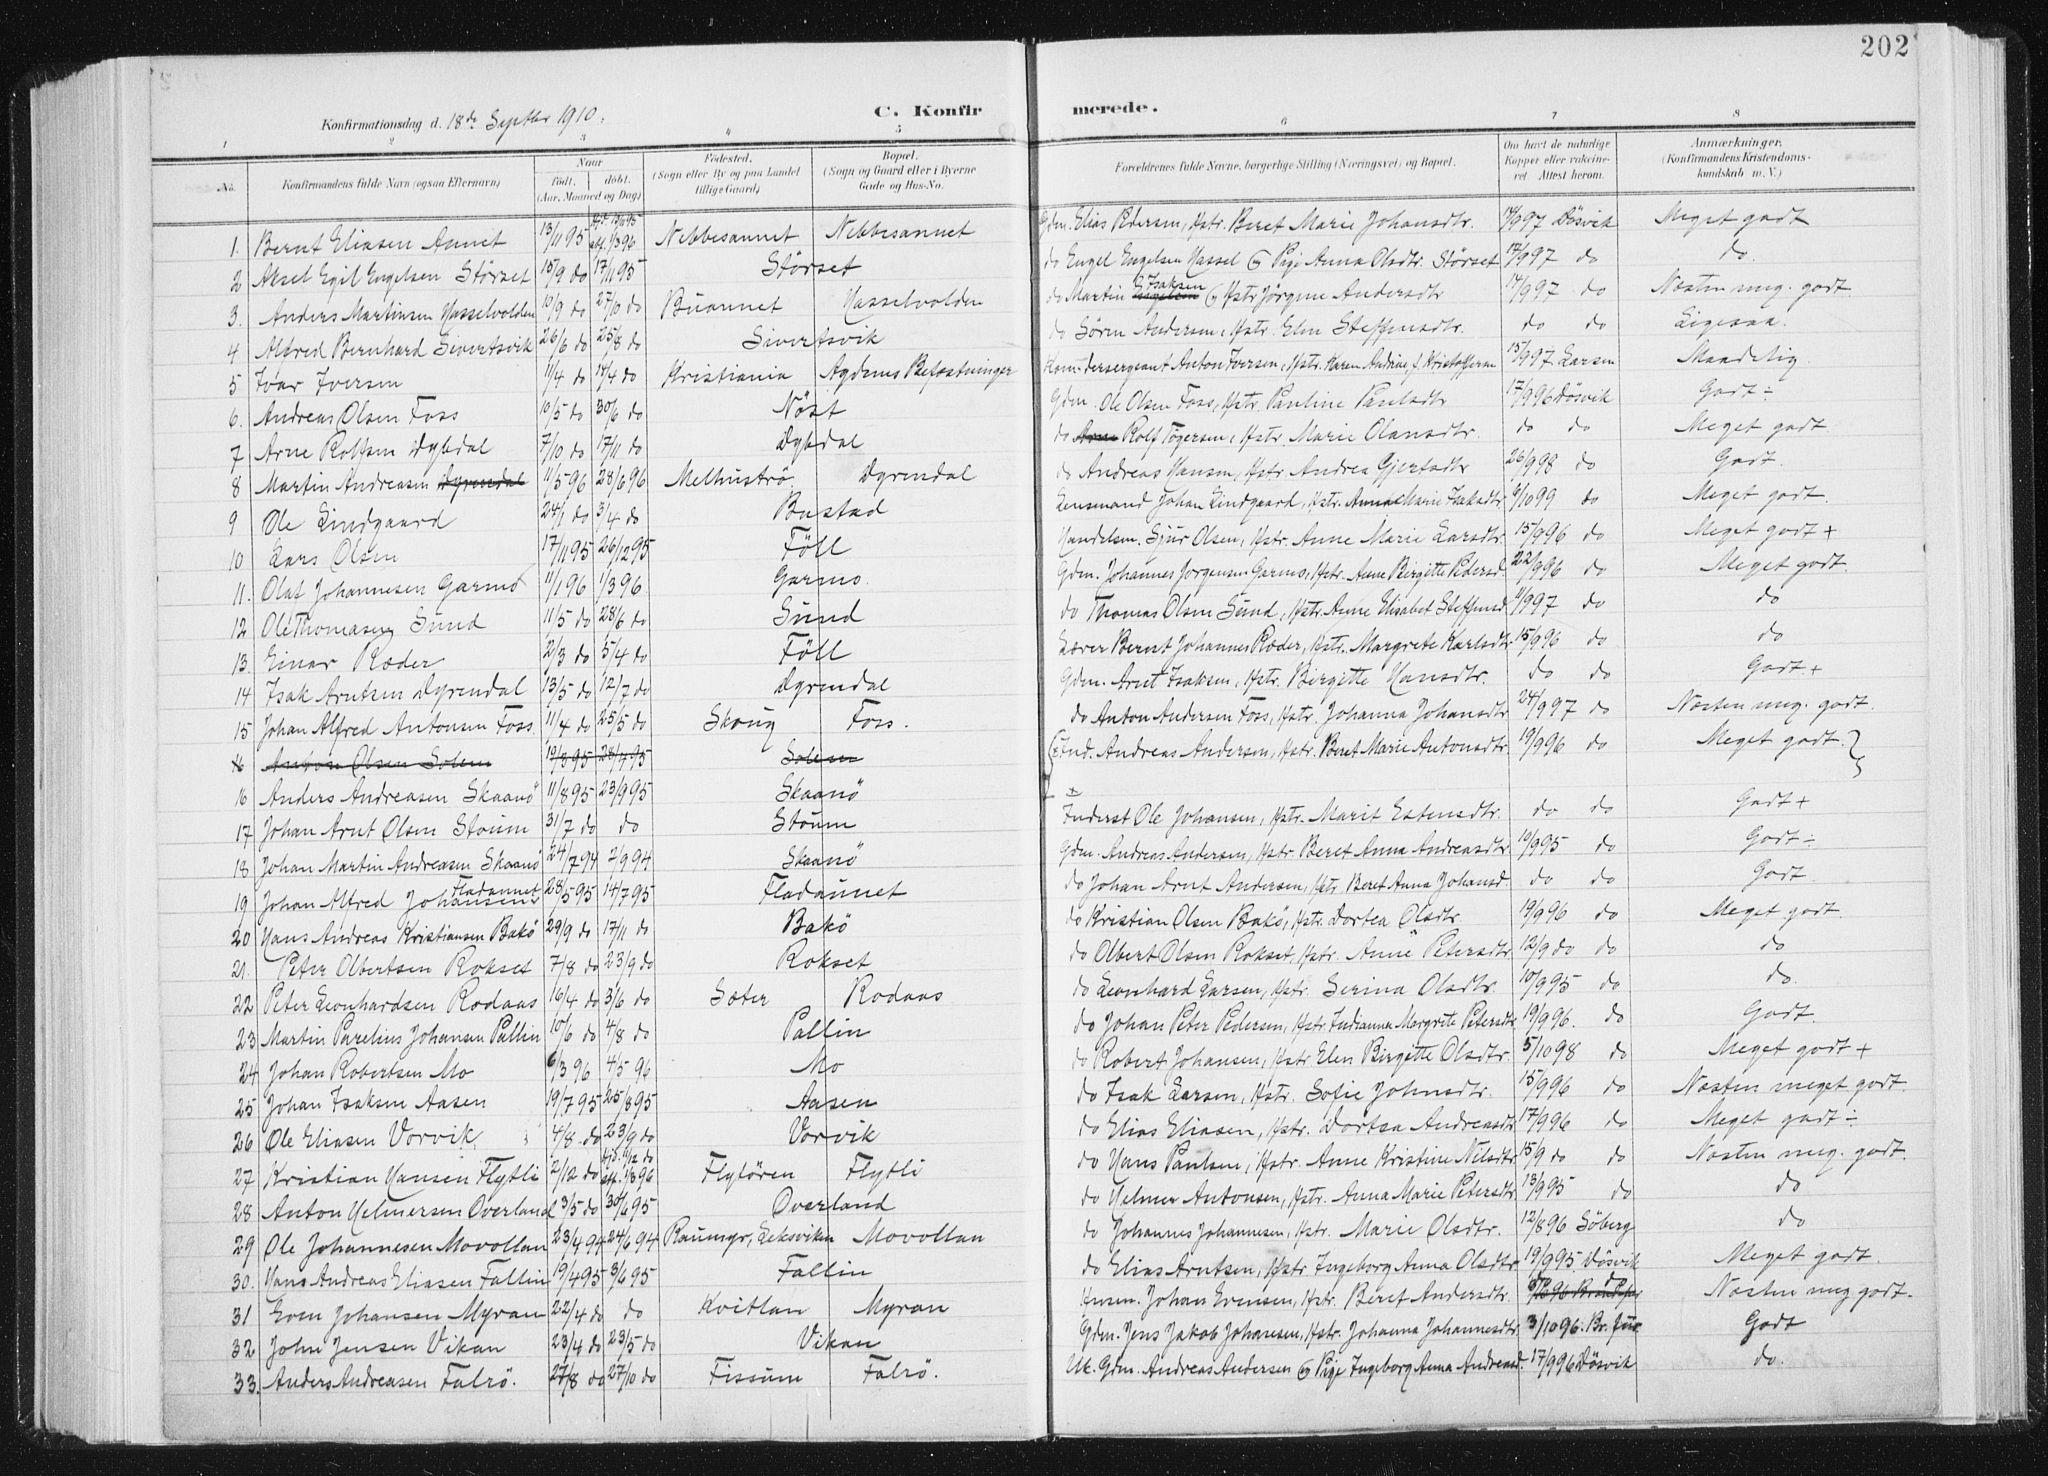 SAT, Ministerialprotokoller, klokkerbøker og fødselsregistre - Sør-Trøndelag, 647/L0635: Ministerialbok nr. 647A02, 1896-1911, s. 202